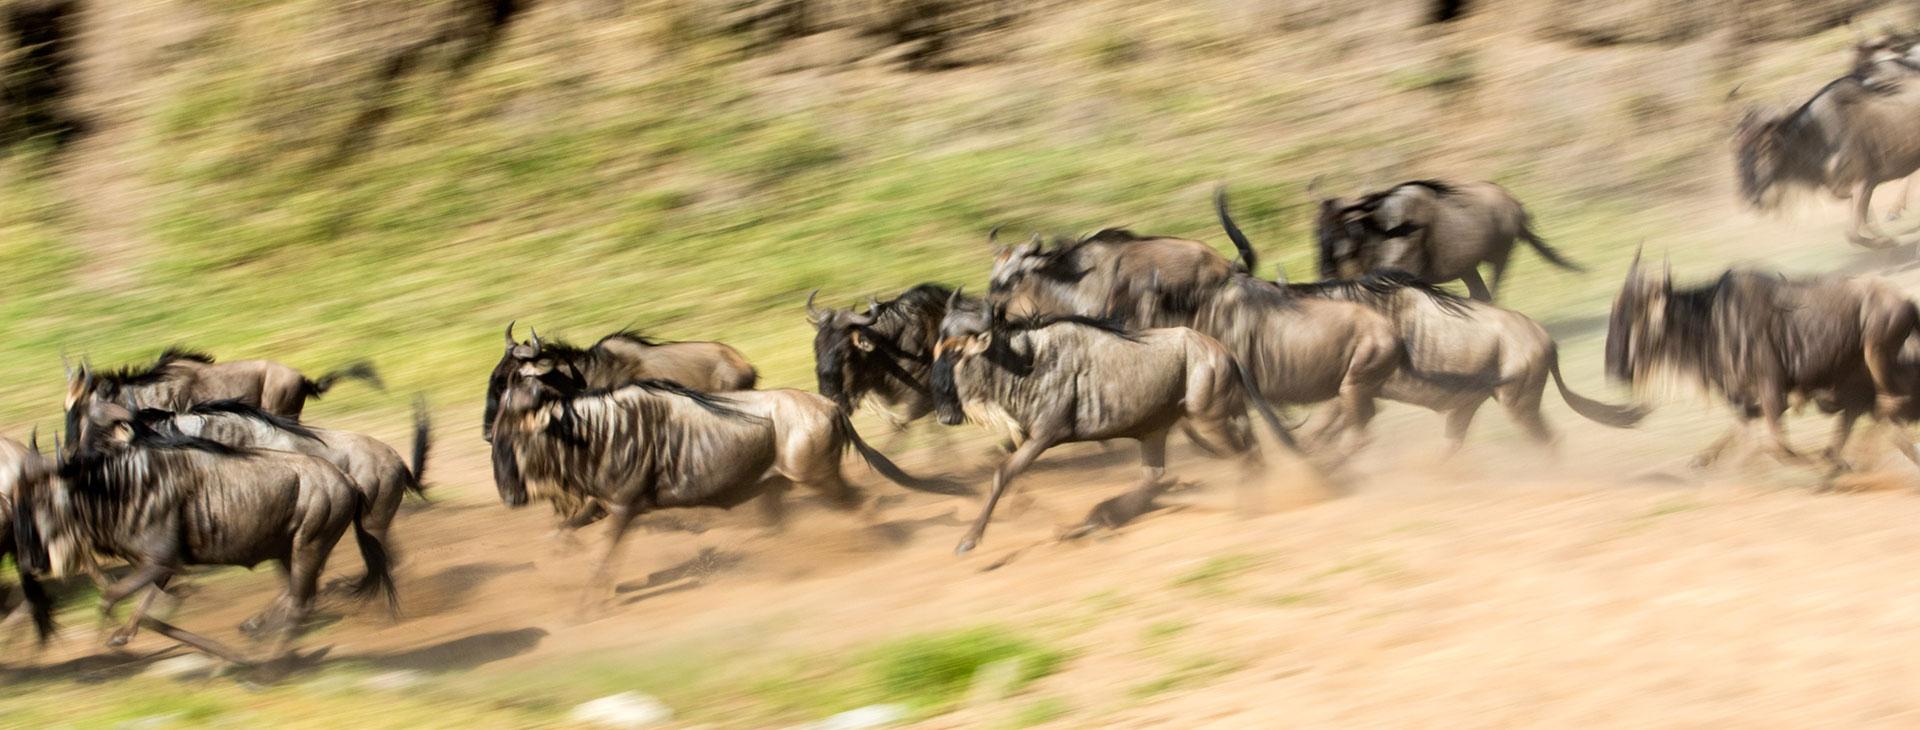 Serengeti Migration Safari in June